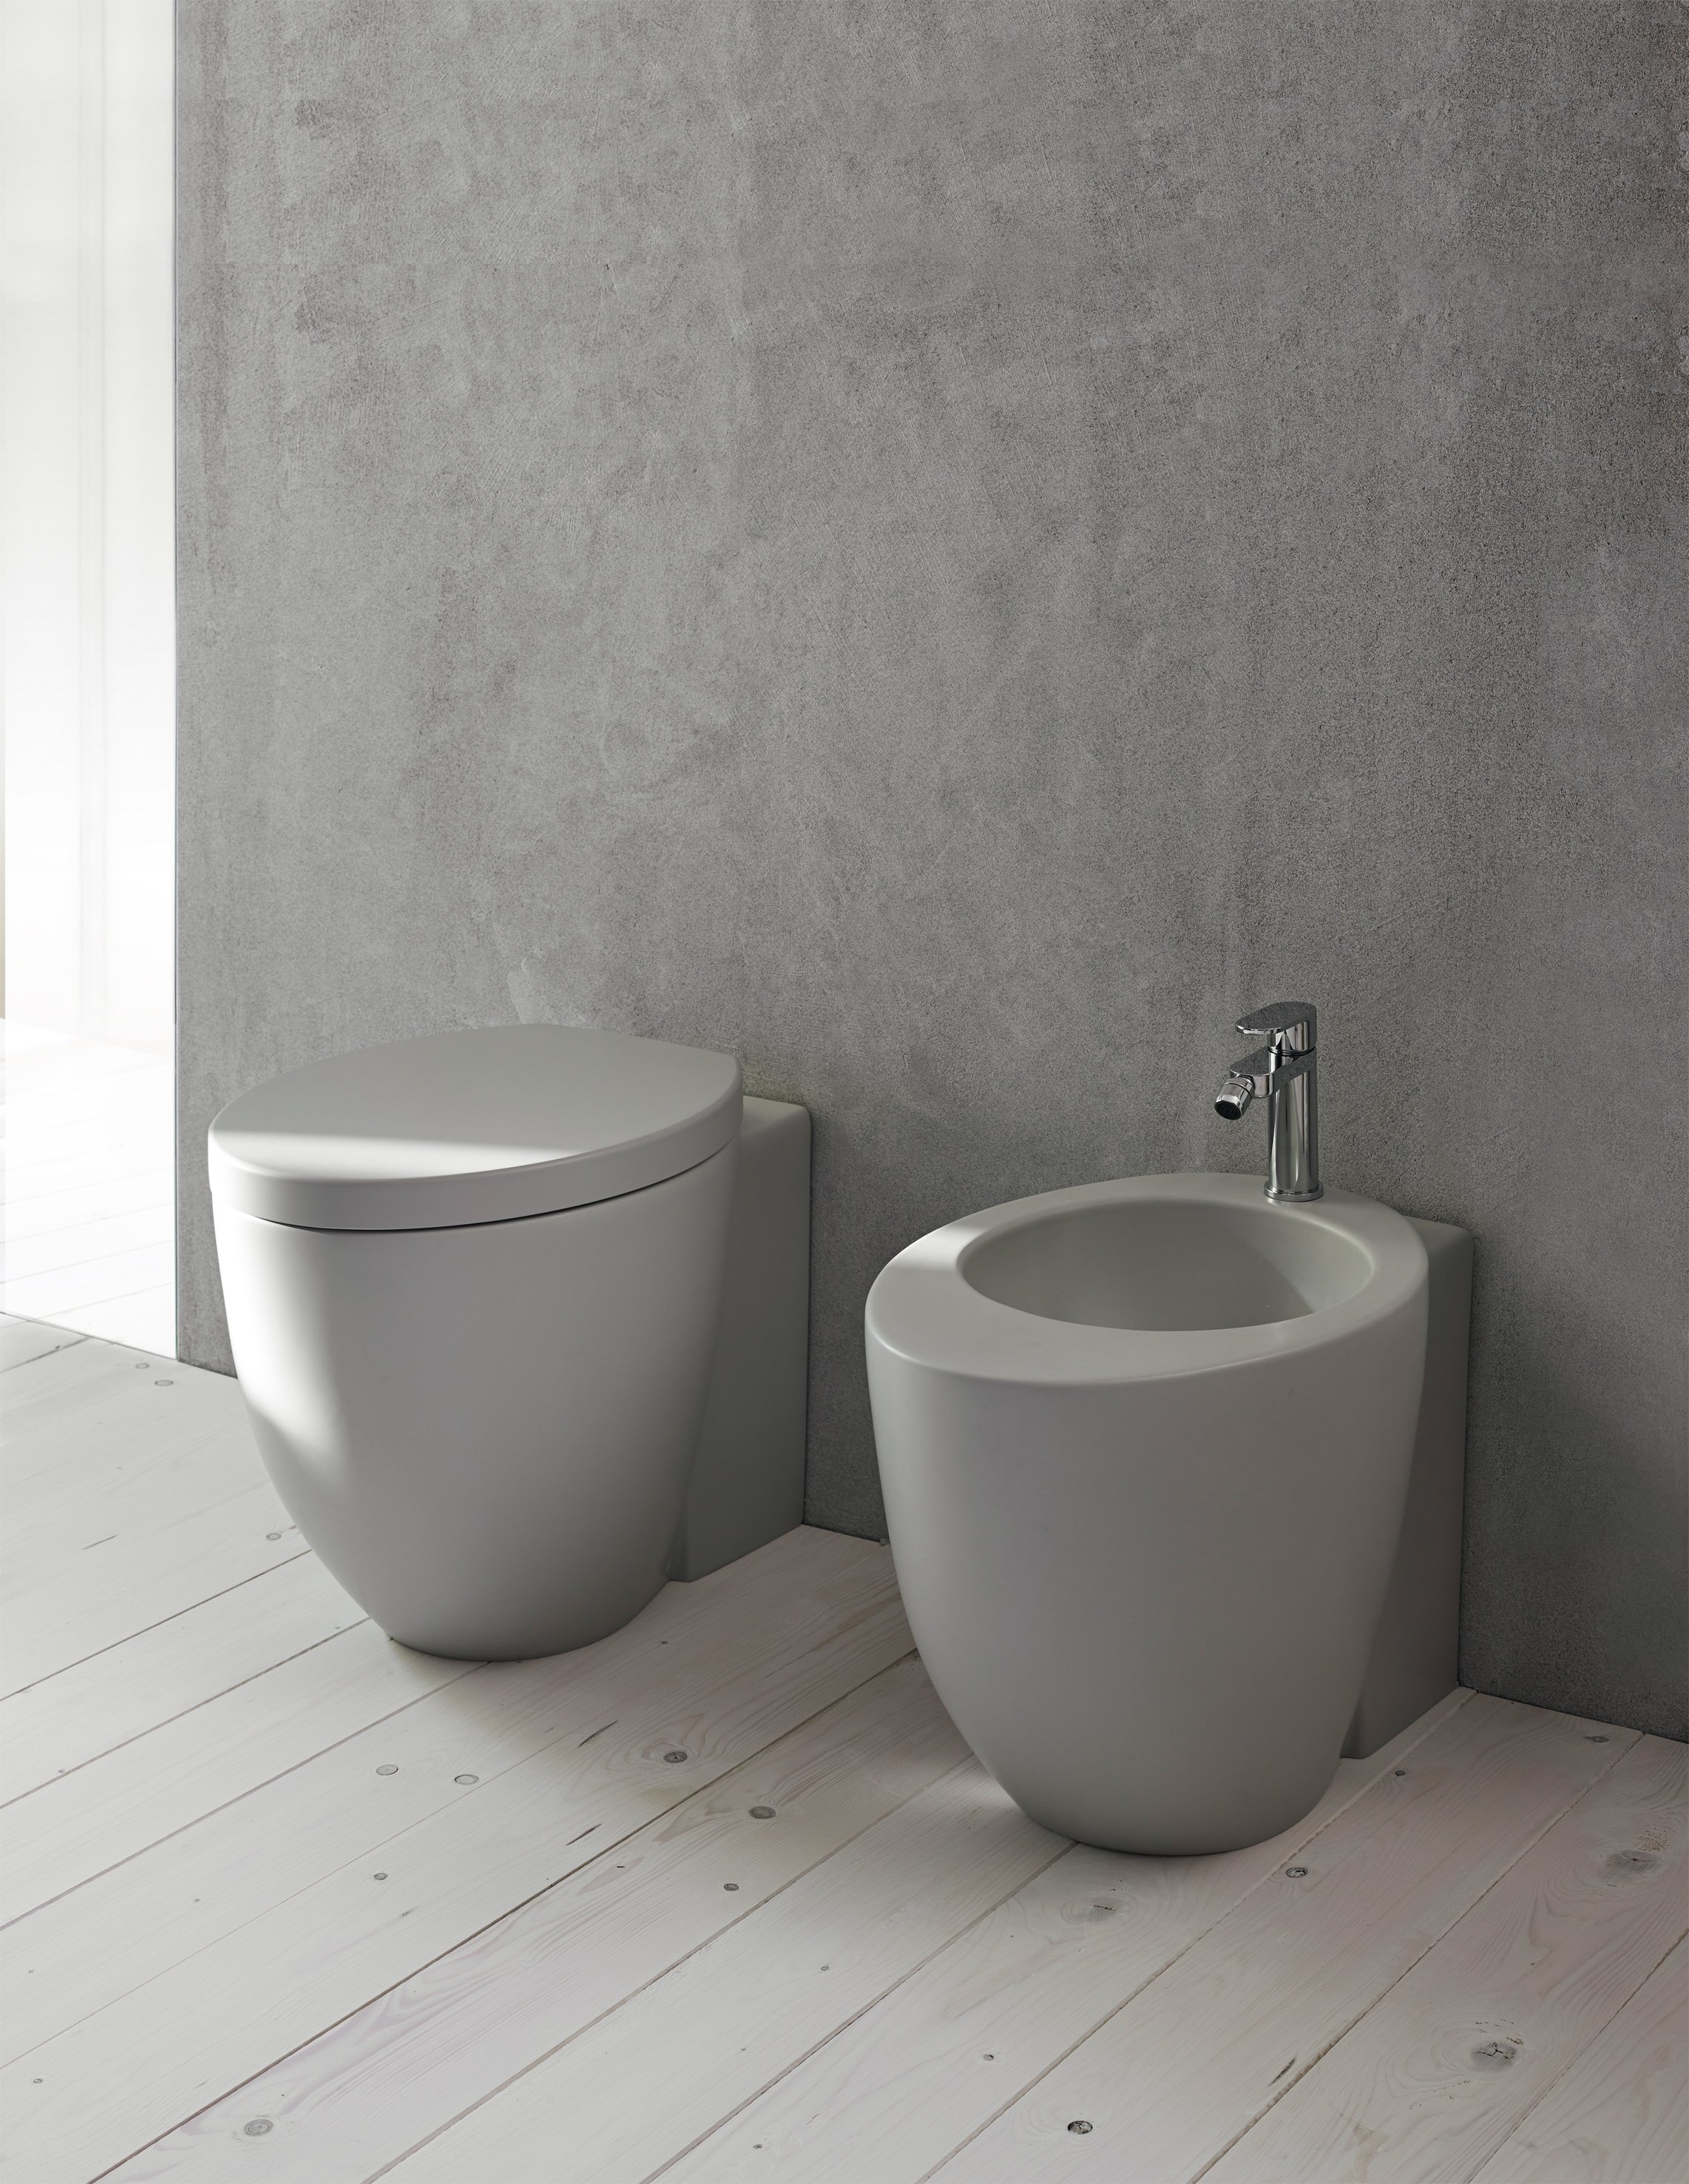 dotato di sistema soft close plus il vaso sospeso nero zero 55 di ceramica catalano con bidet coordinato vaso e bidet misurano ciascuno l 35 x p 55 cm